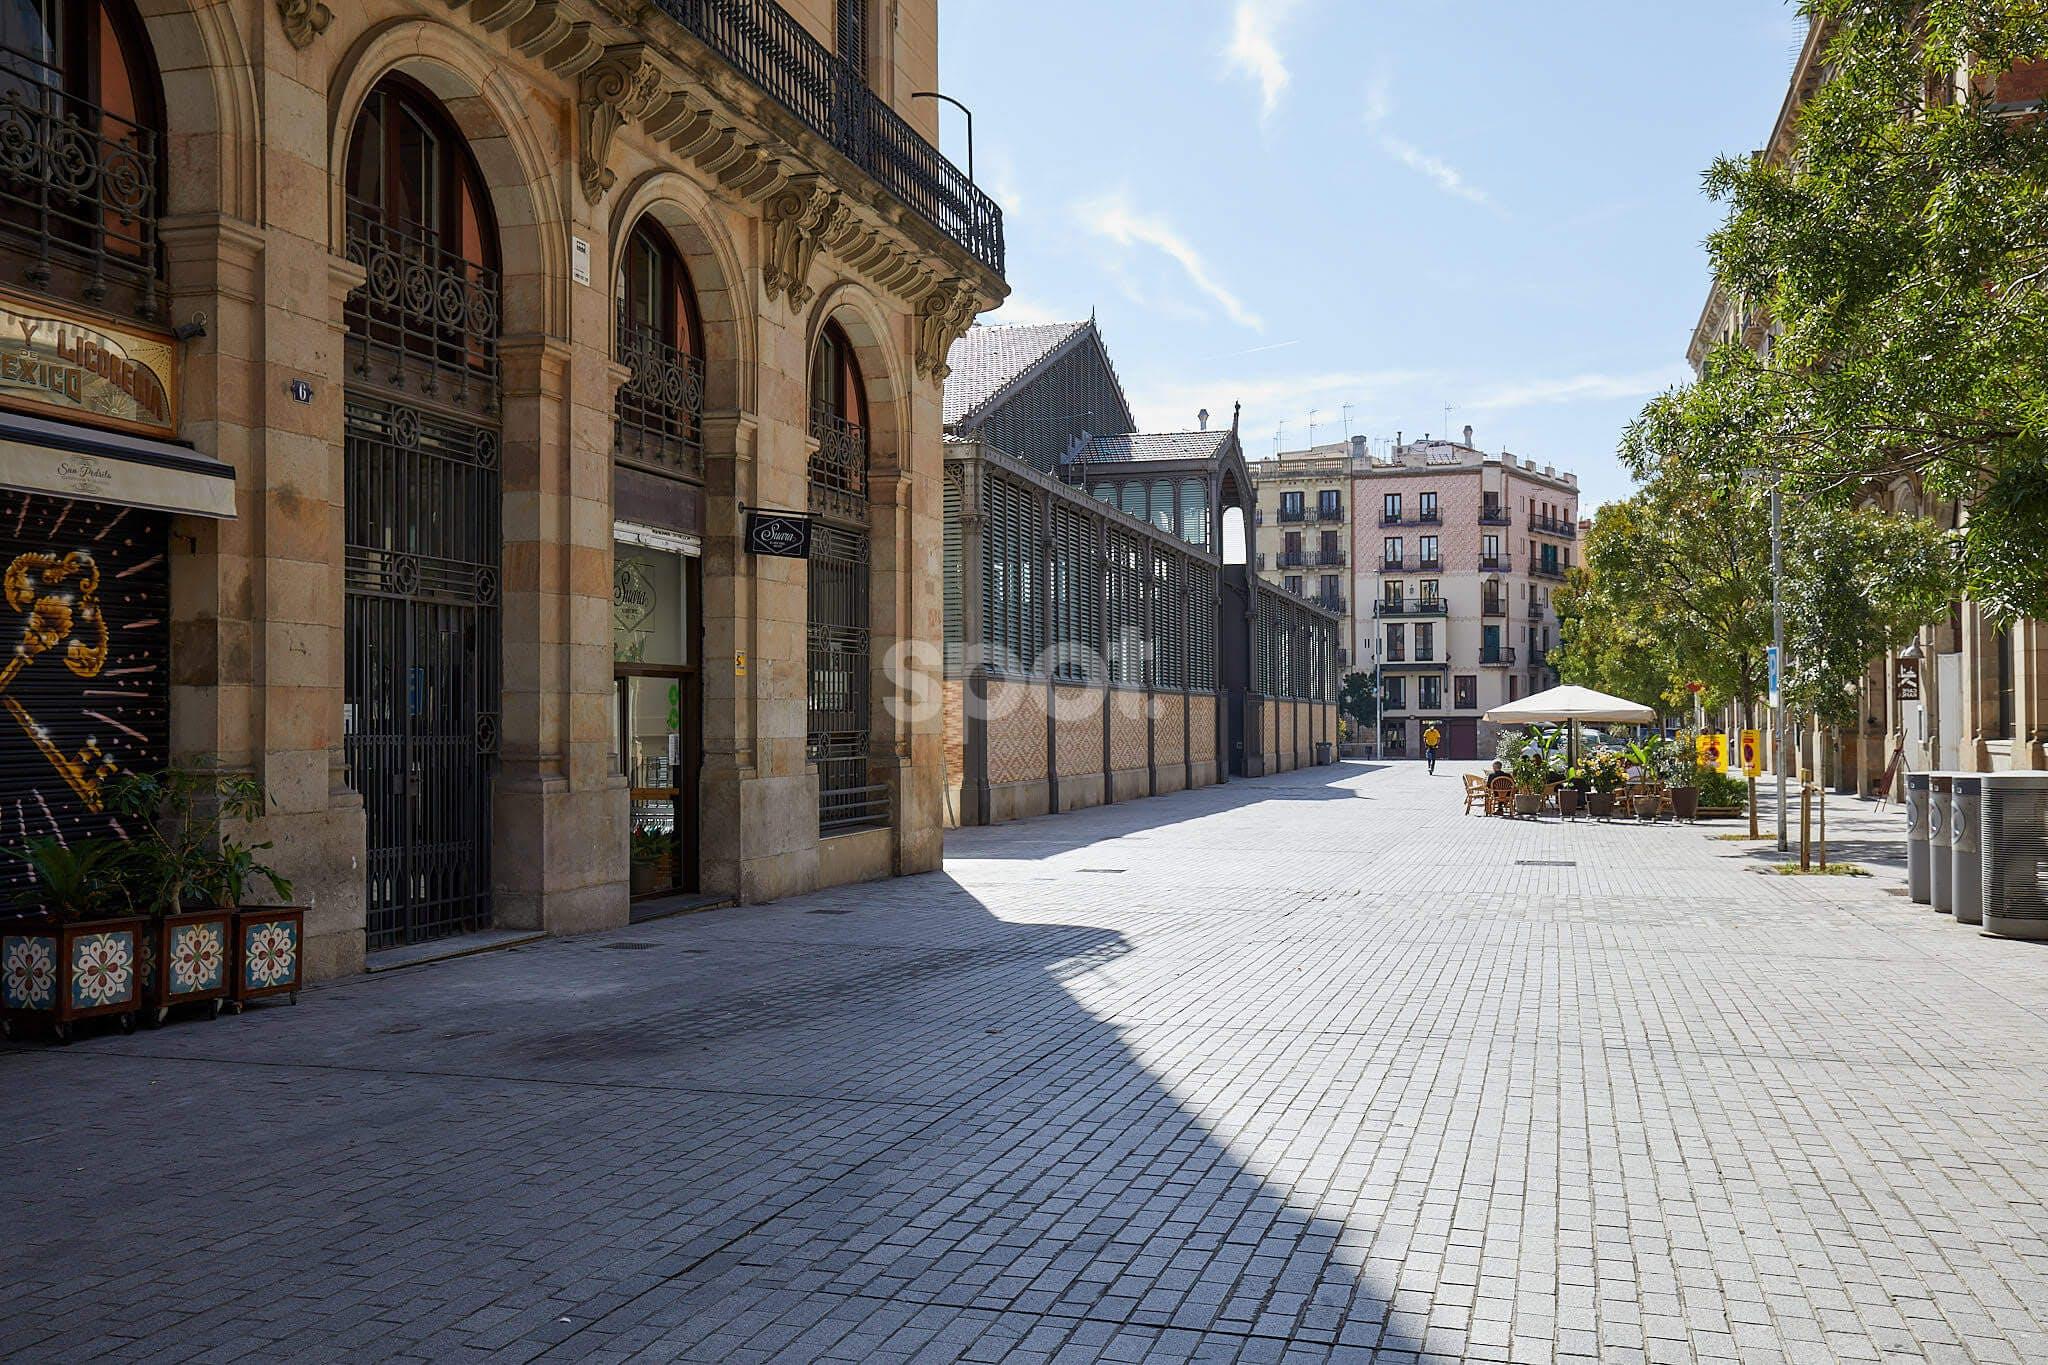 Calle - El Born, Barcelona, Spain